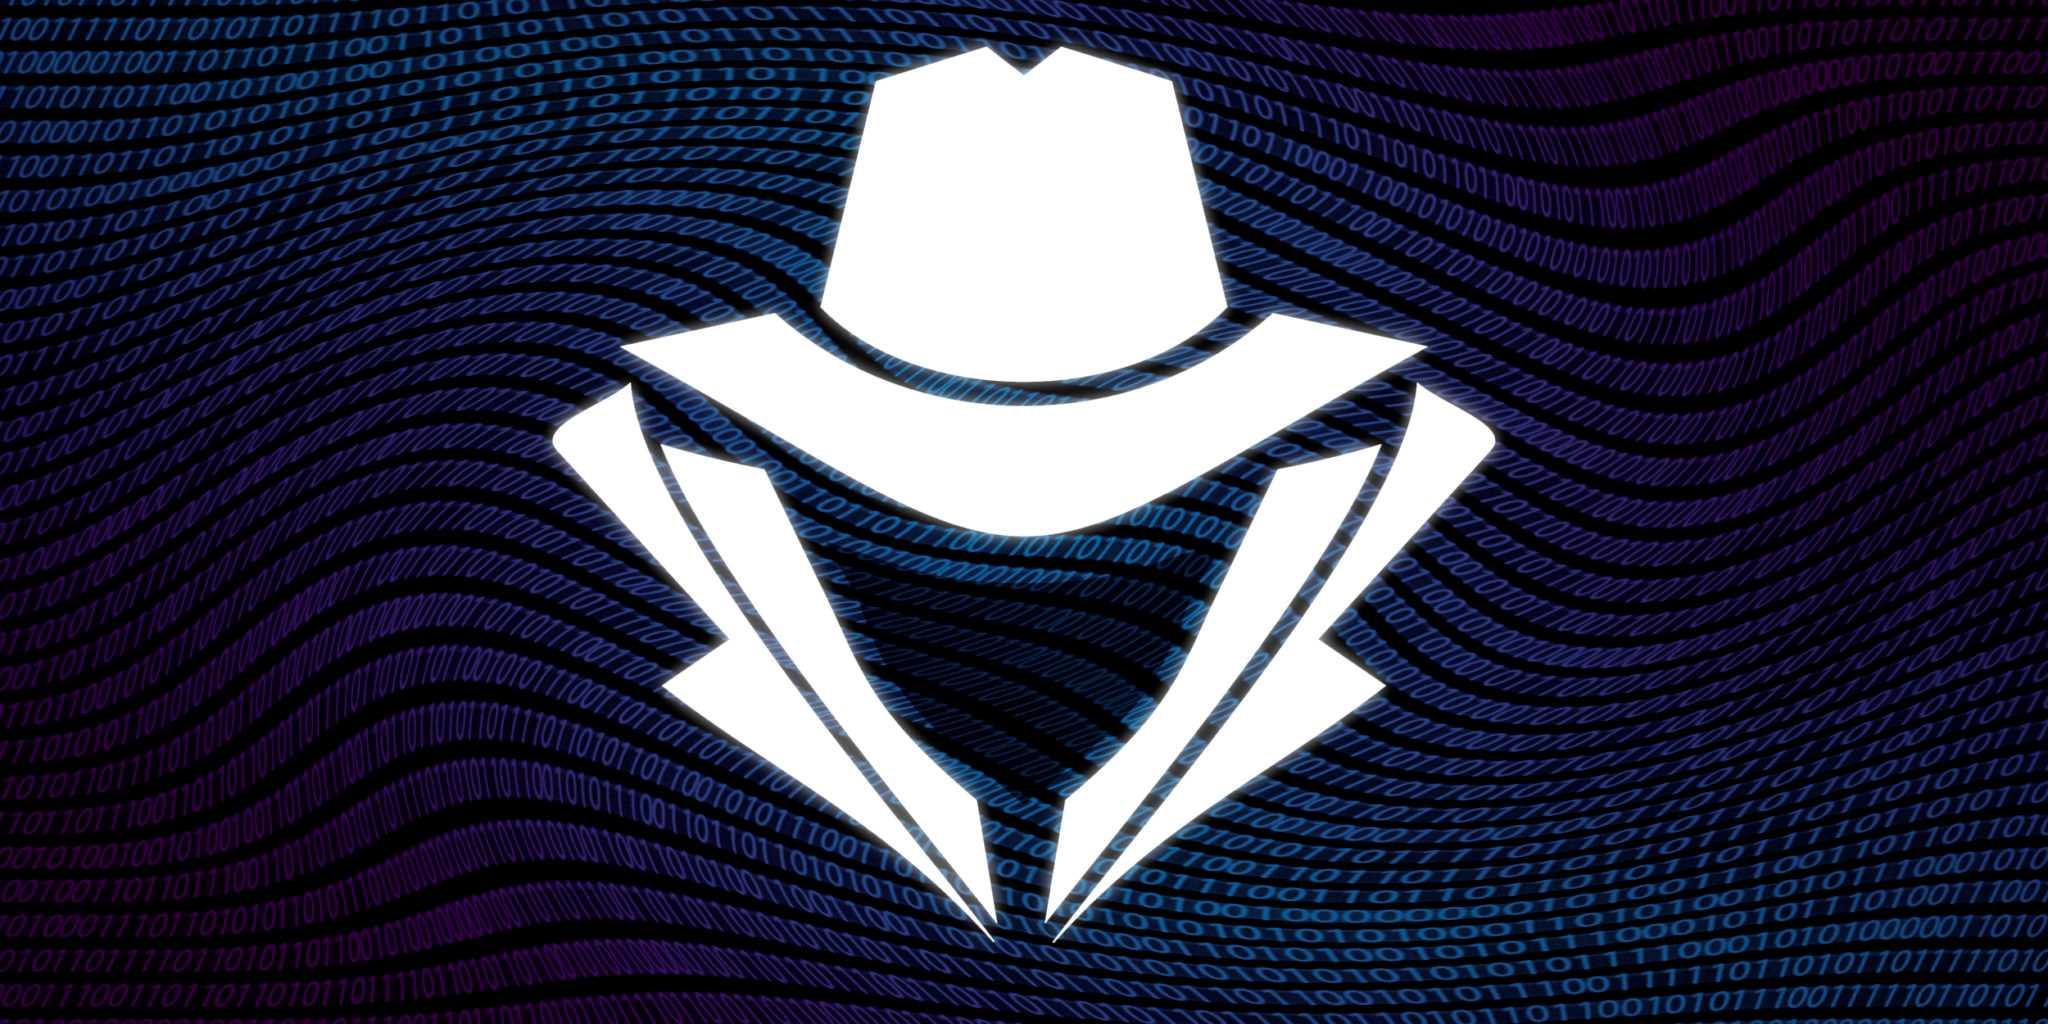 Hình ảnh Hacker biểu tượng tội phạm